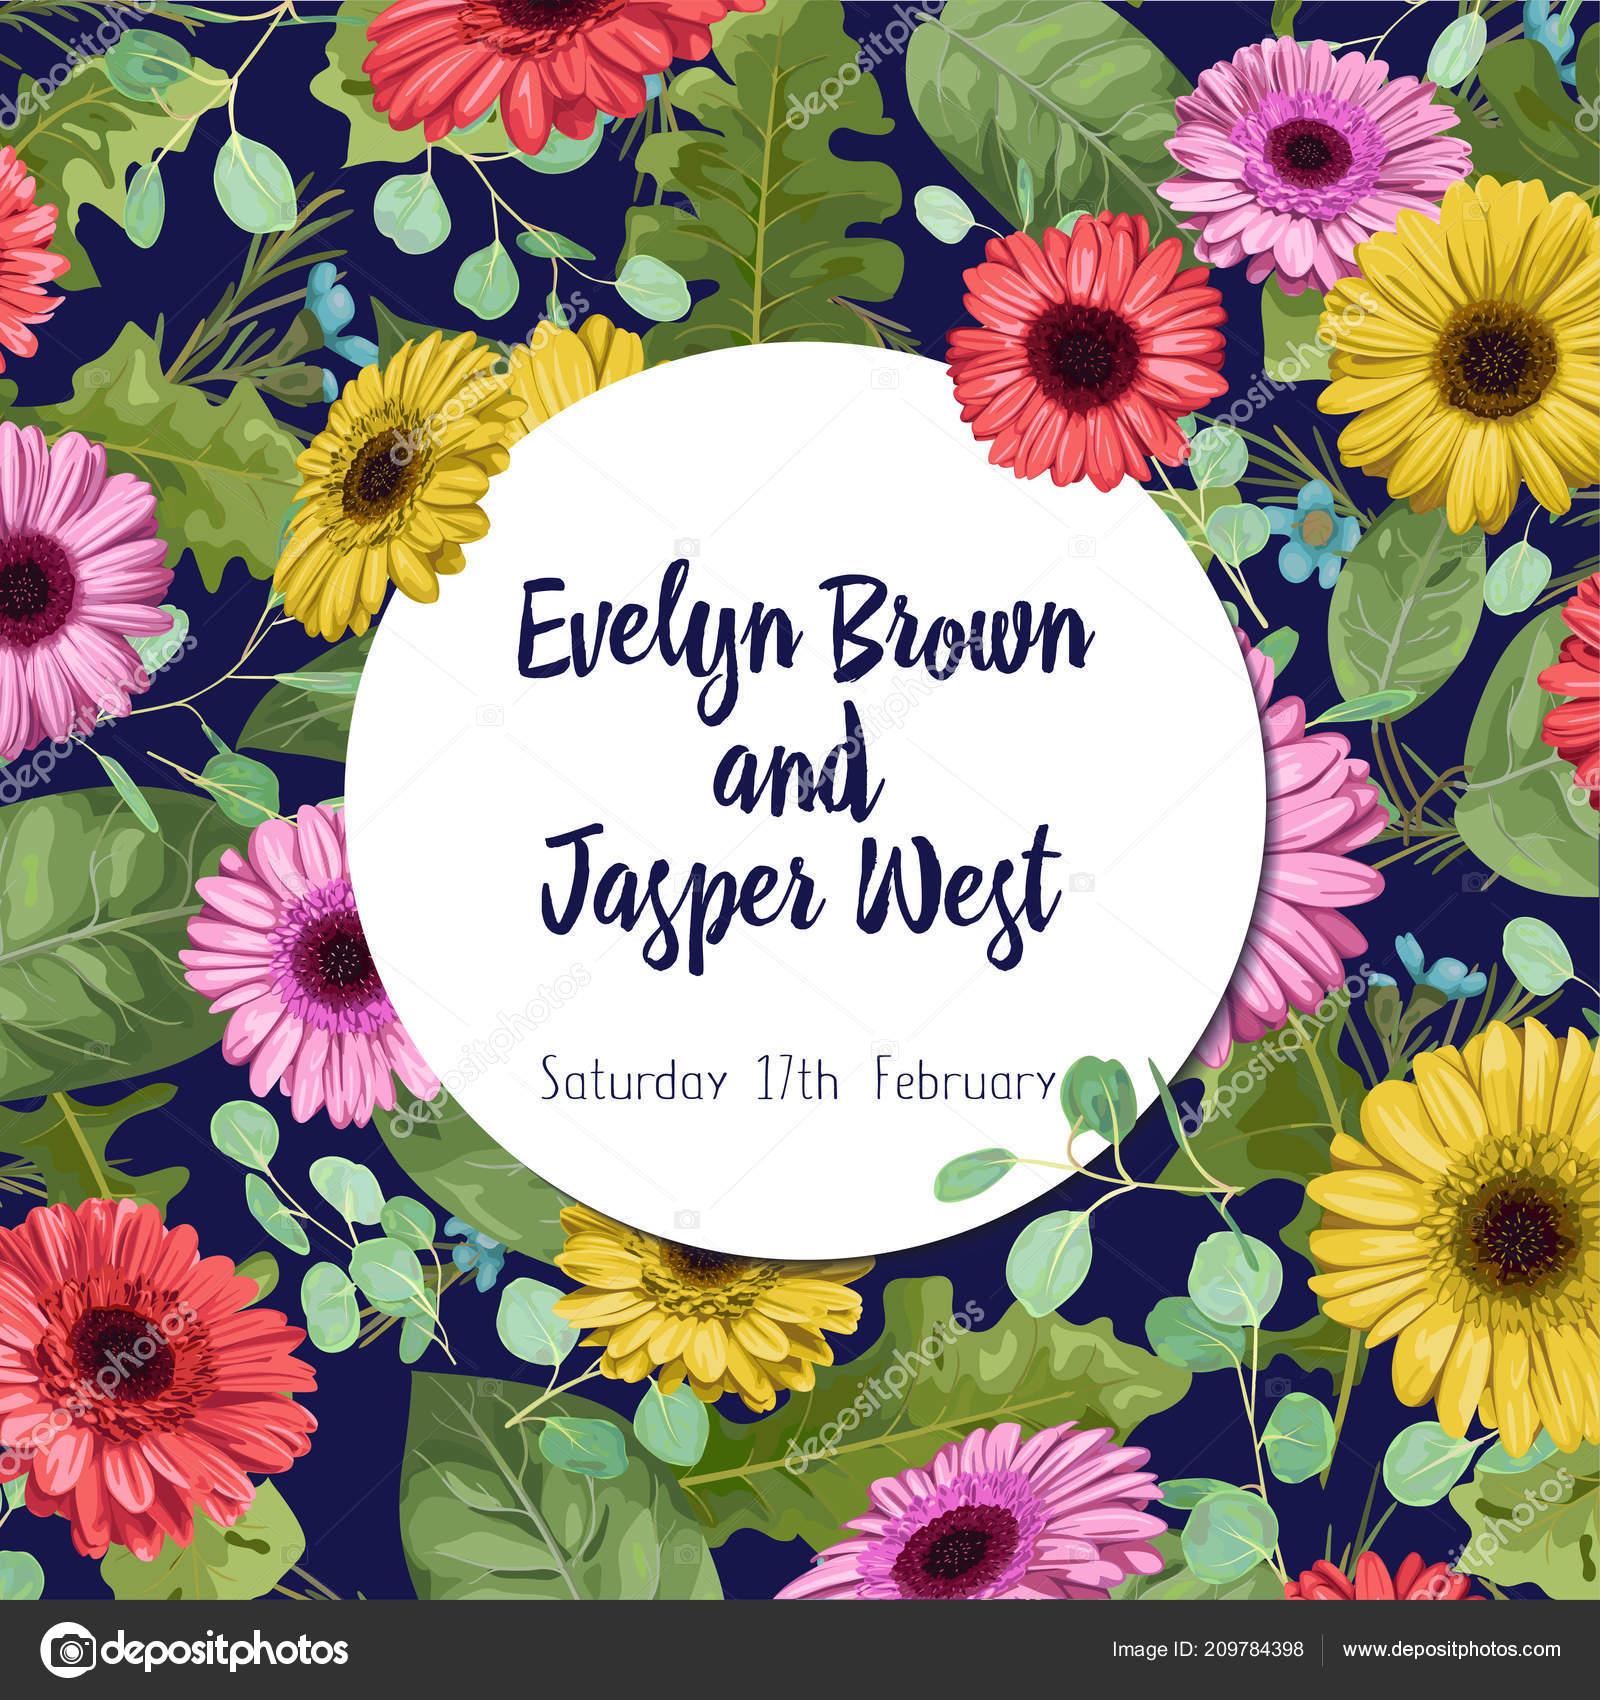 Sommer vektor aquarell farbige gerbera wachs blumen und eukalyptus zweige mit einem runden rahmen für hochzeitseinladungen banner postkarten etiketten